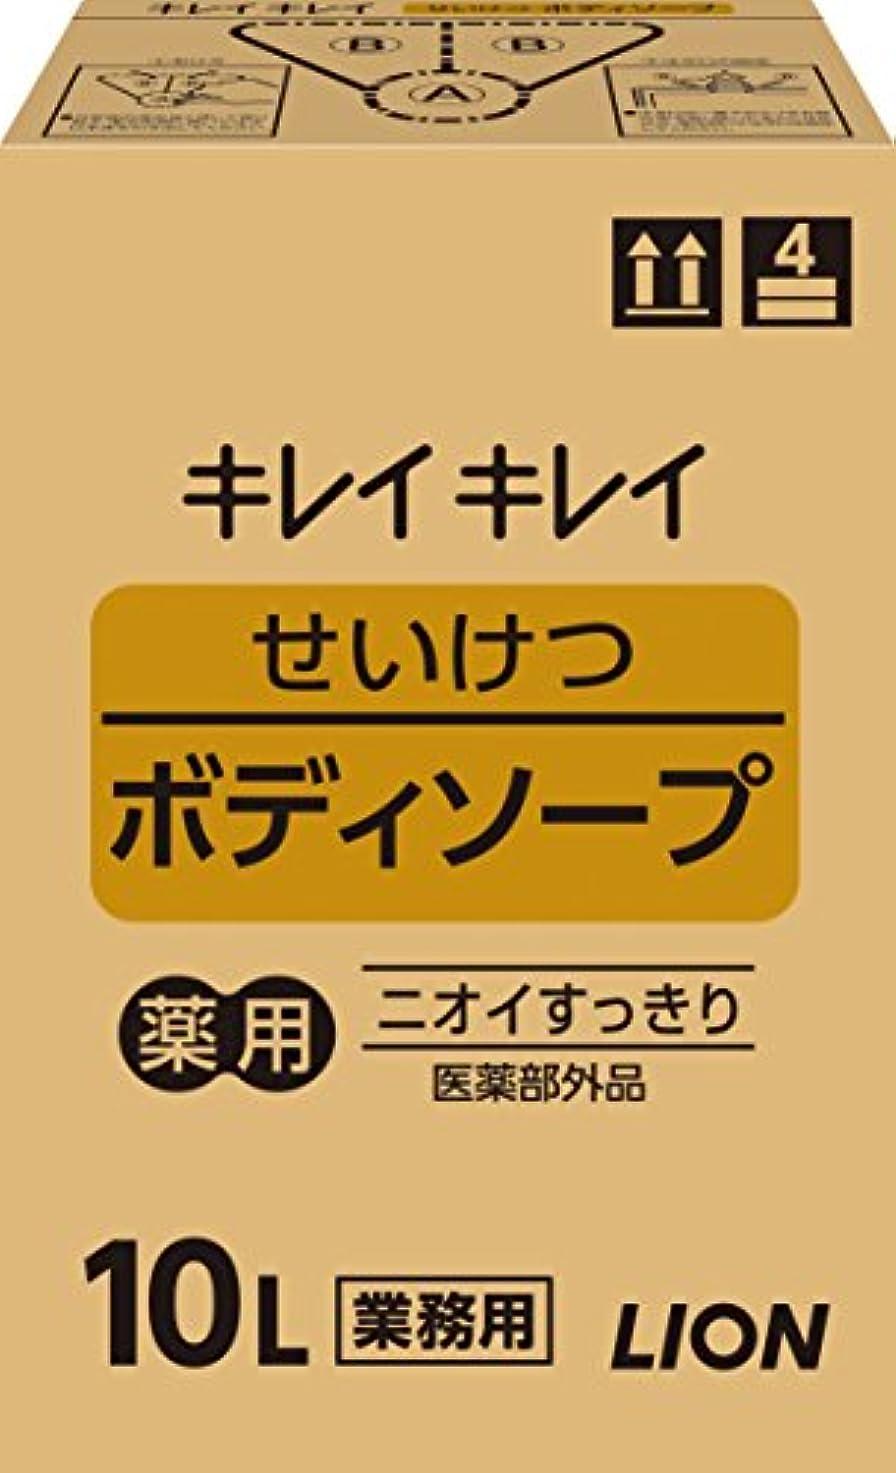 アクチュエータ見物人レオナルドダキレイキレイ せいけつボディソープ さわやかなレモン&オレンジの香り 業務用 10L